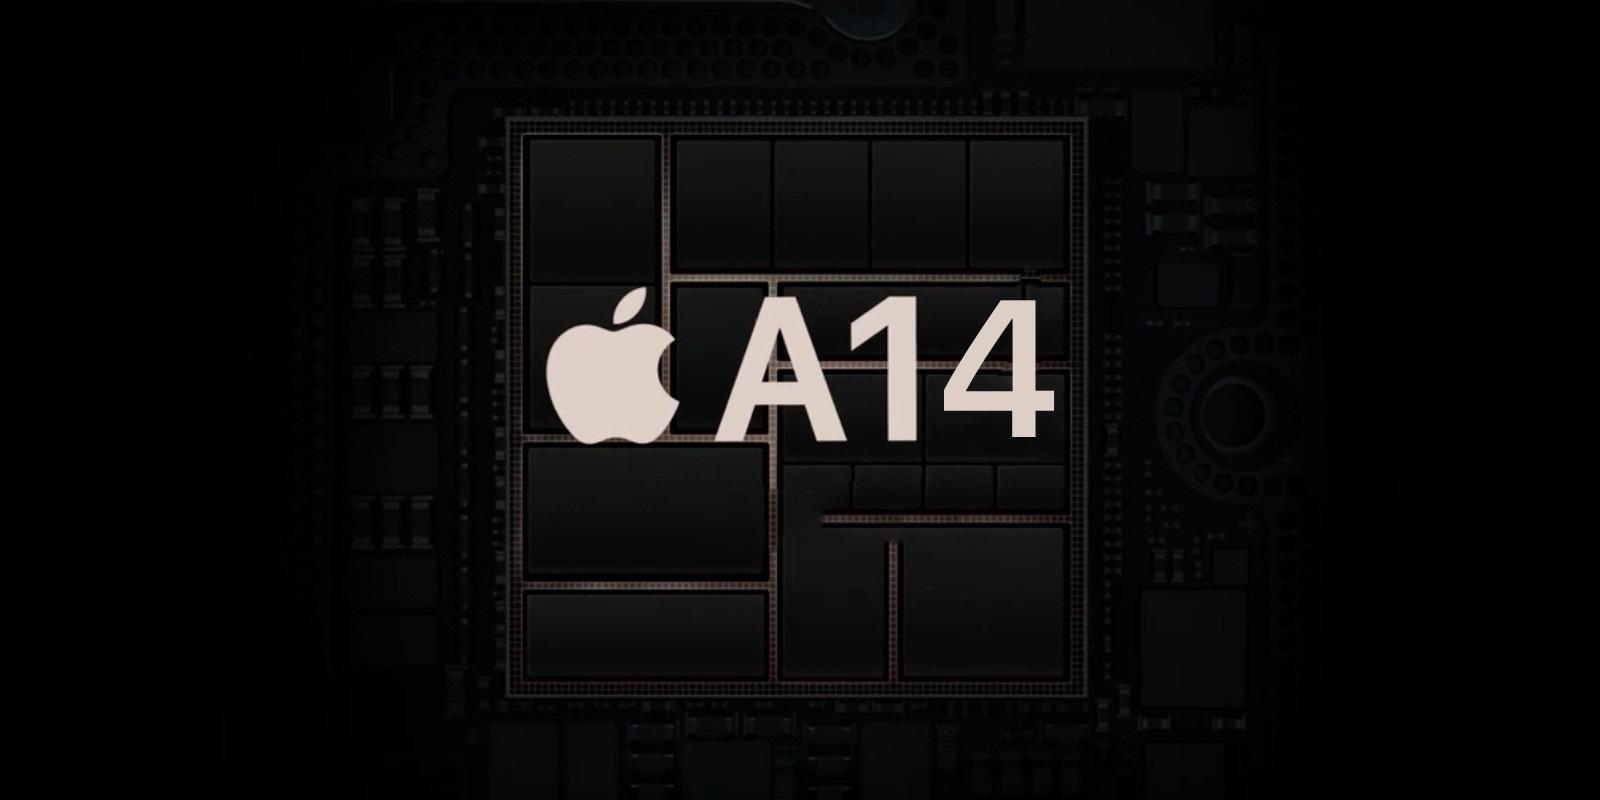 تعرف على الجديد في معالج Apple A14 Bionic المستخدم في هواتف iPhone 12